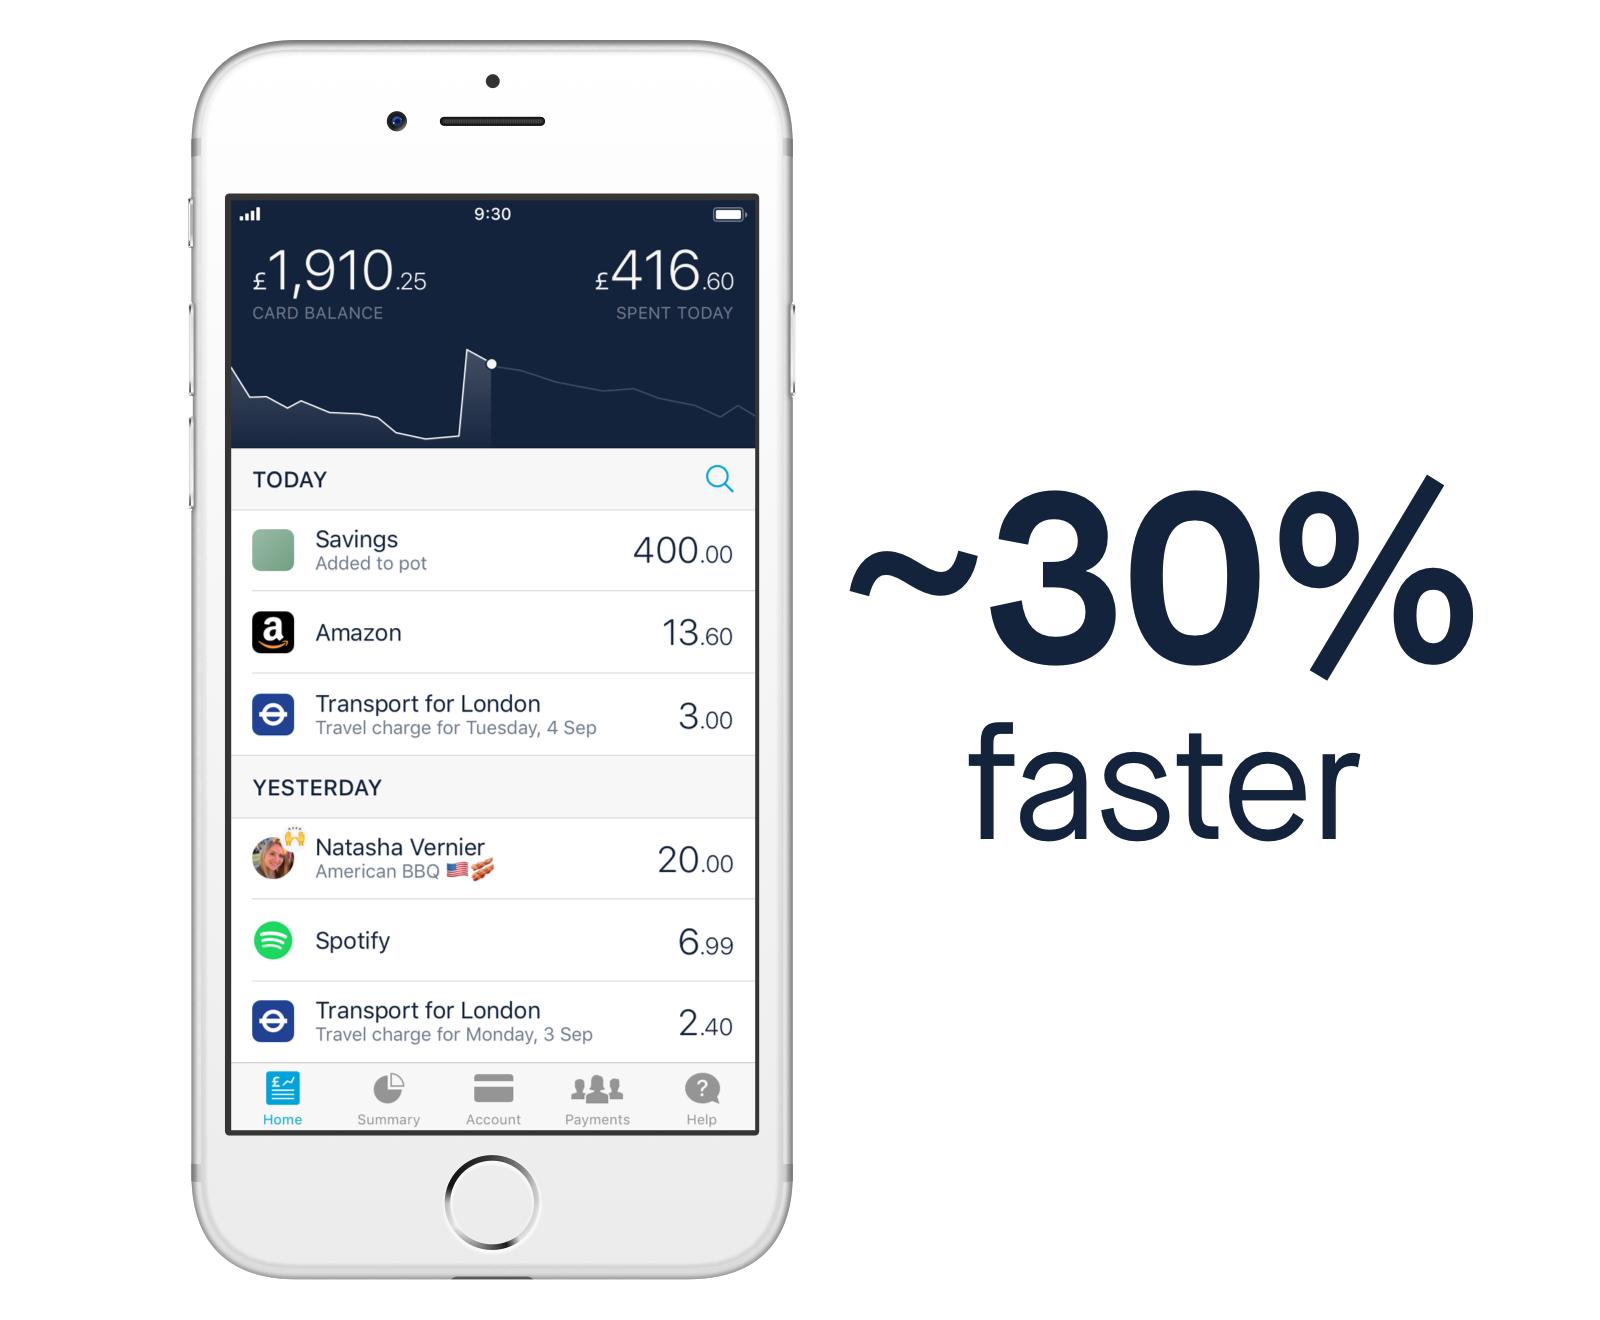 Screen showing Monzo iOS app launch